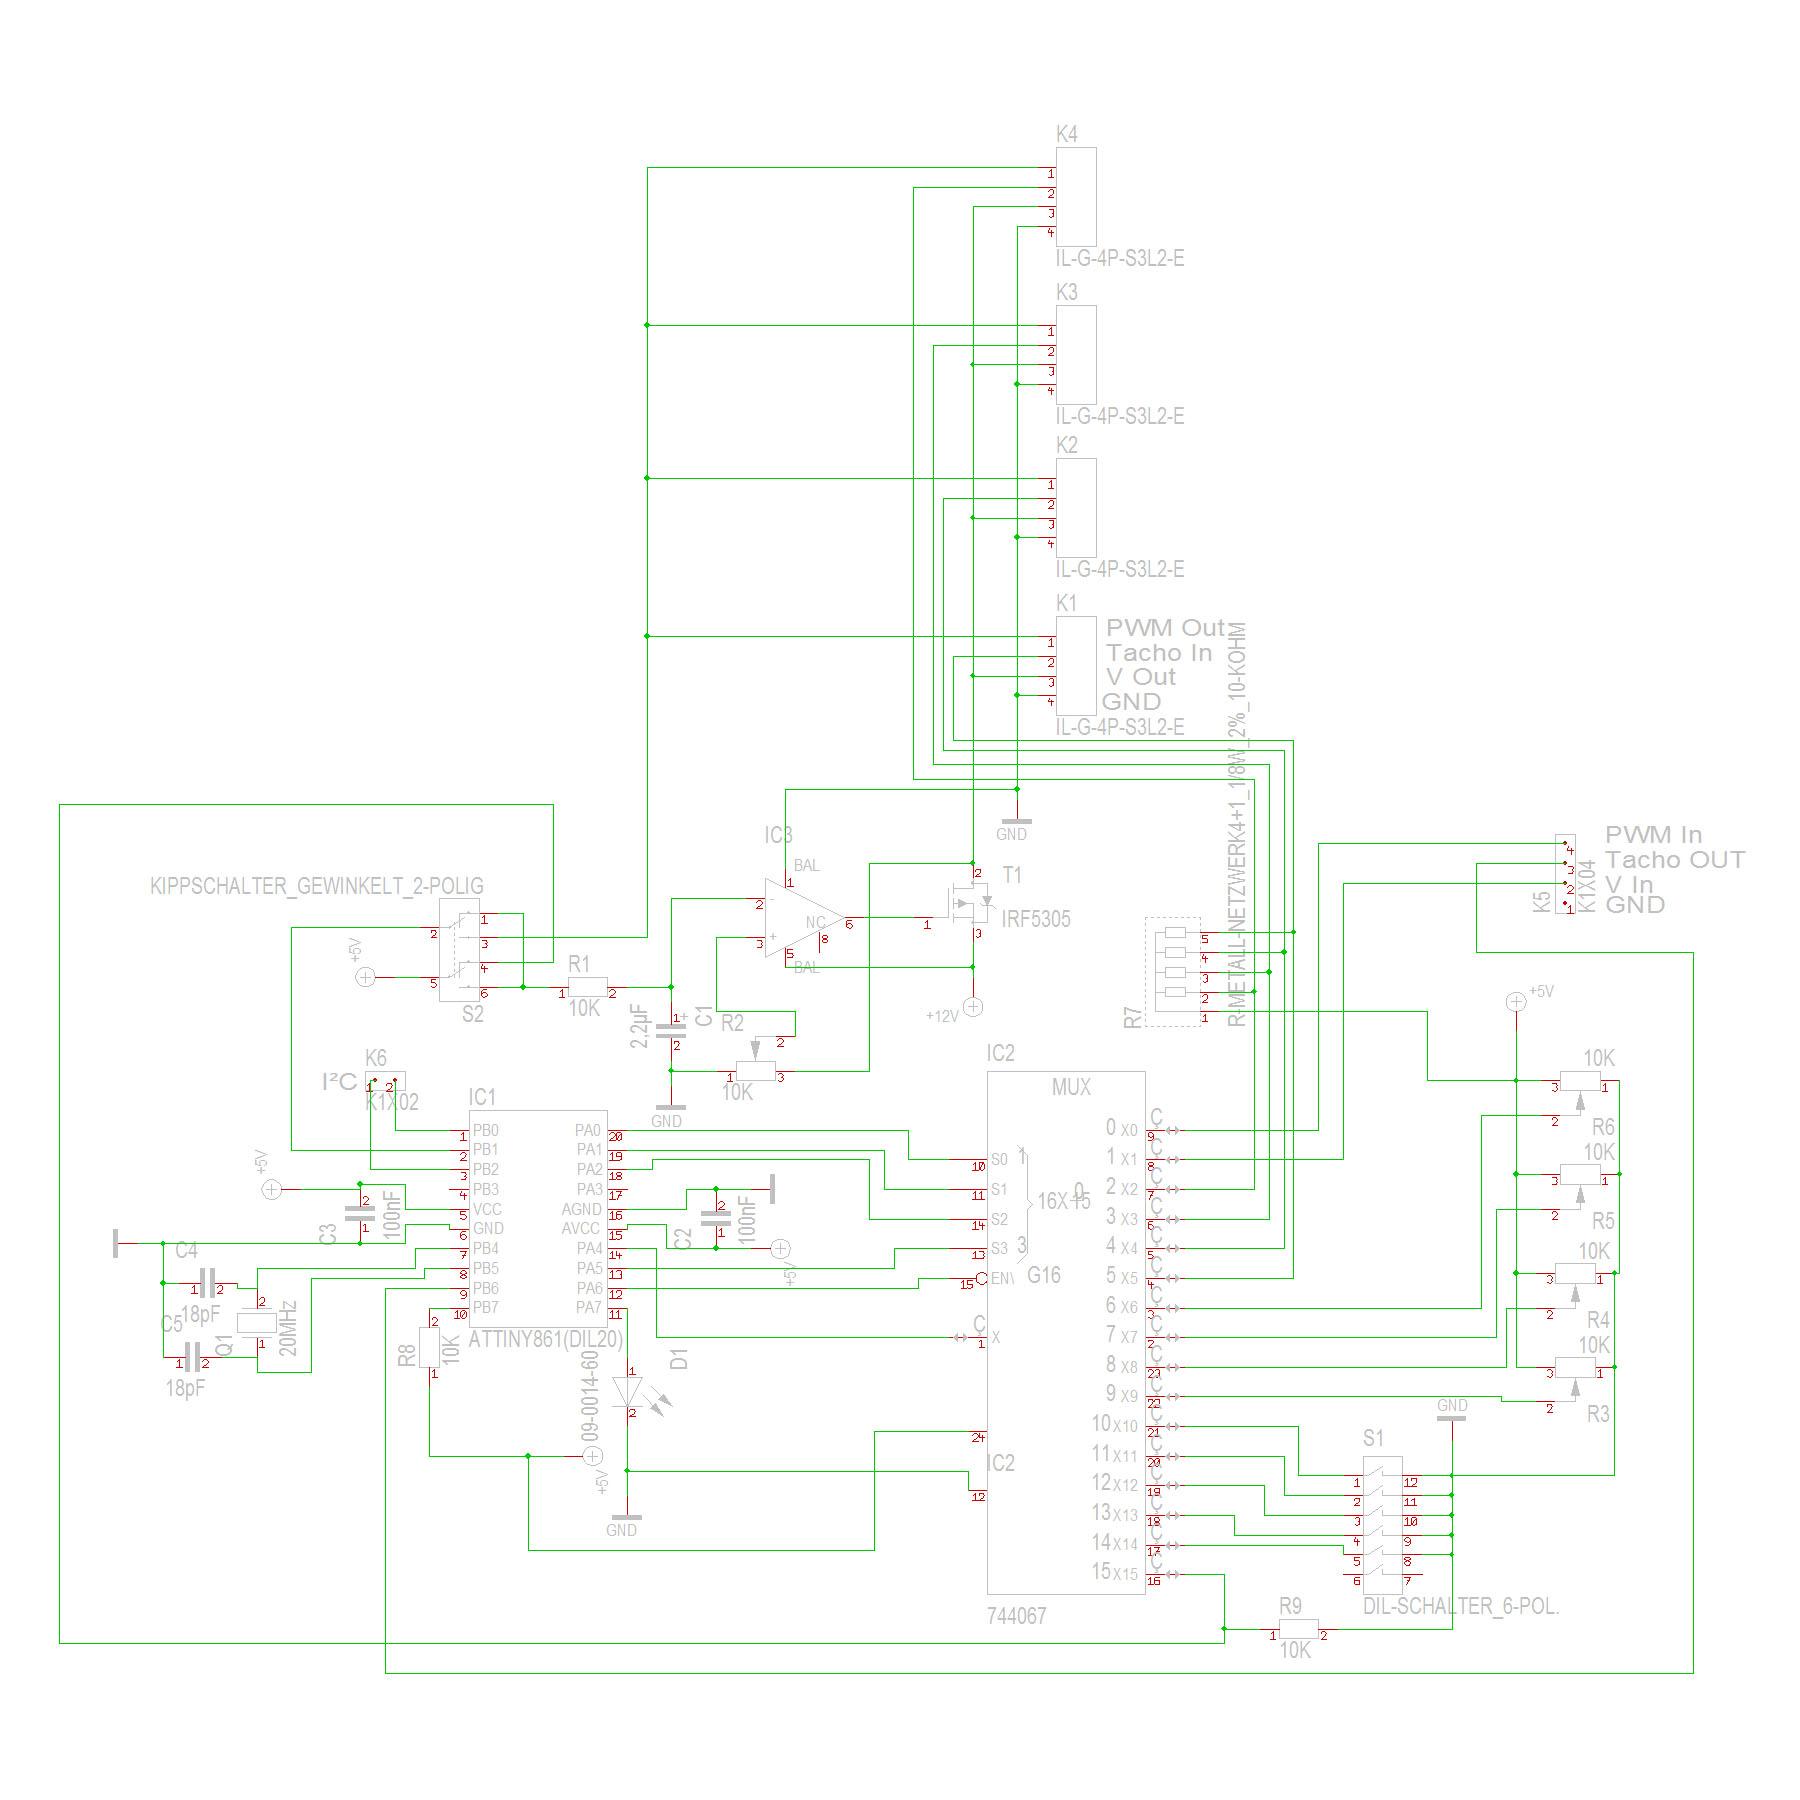 Seite drucken - Lüftersteuerung ohne Spannungsdrop v2.0 - NoDrop II